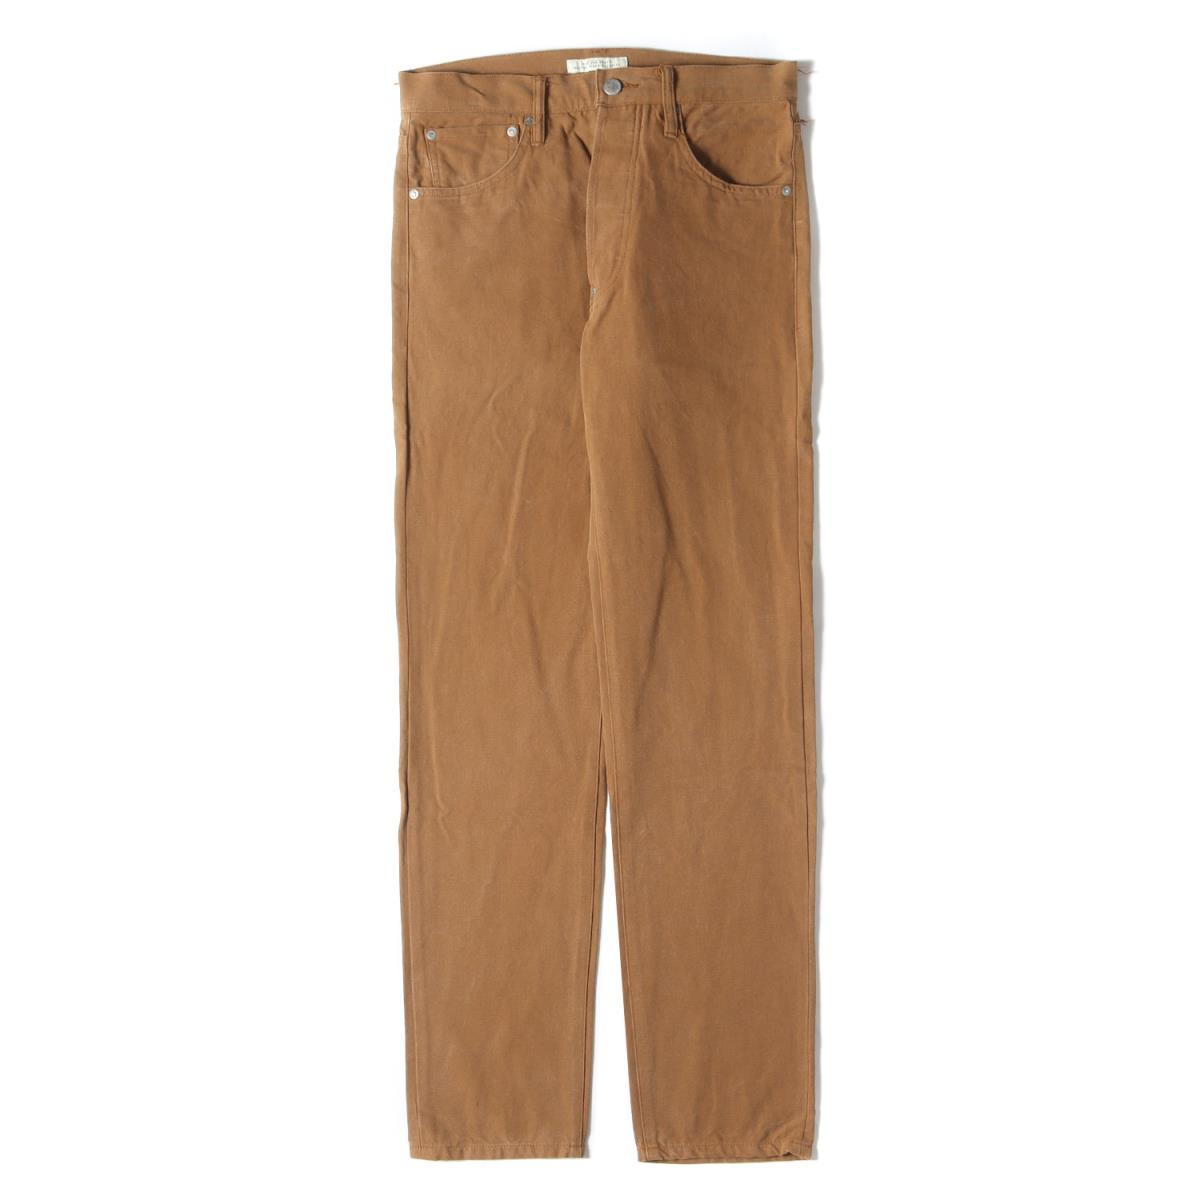 メンズファッション, ズボン・パンツ Old Joe 5 17AW 28 K3048